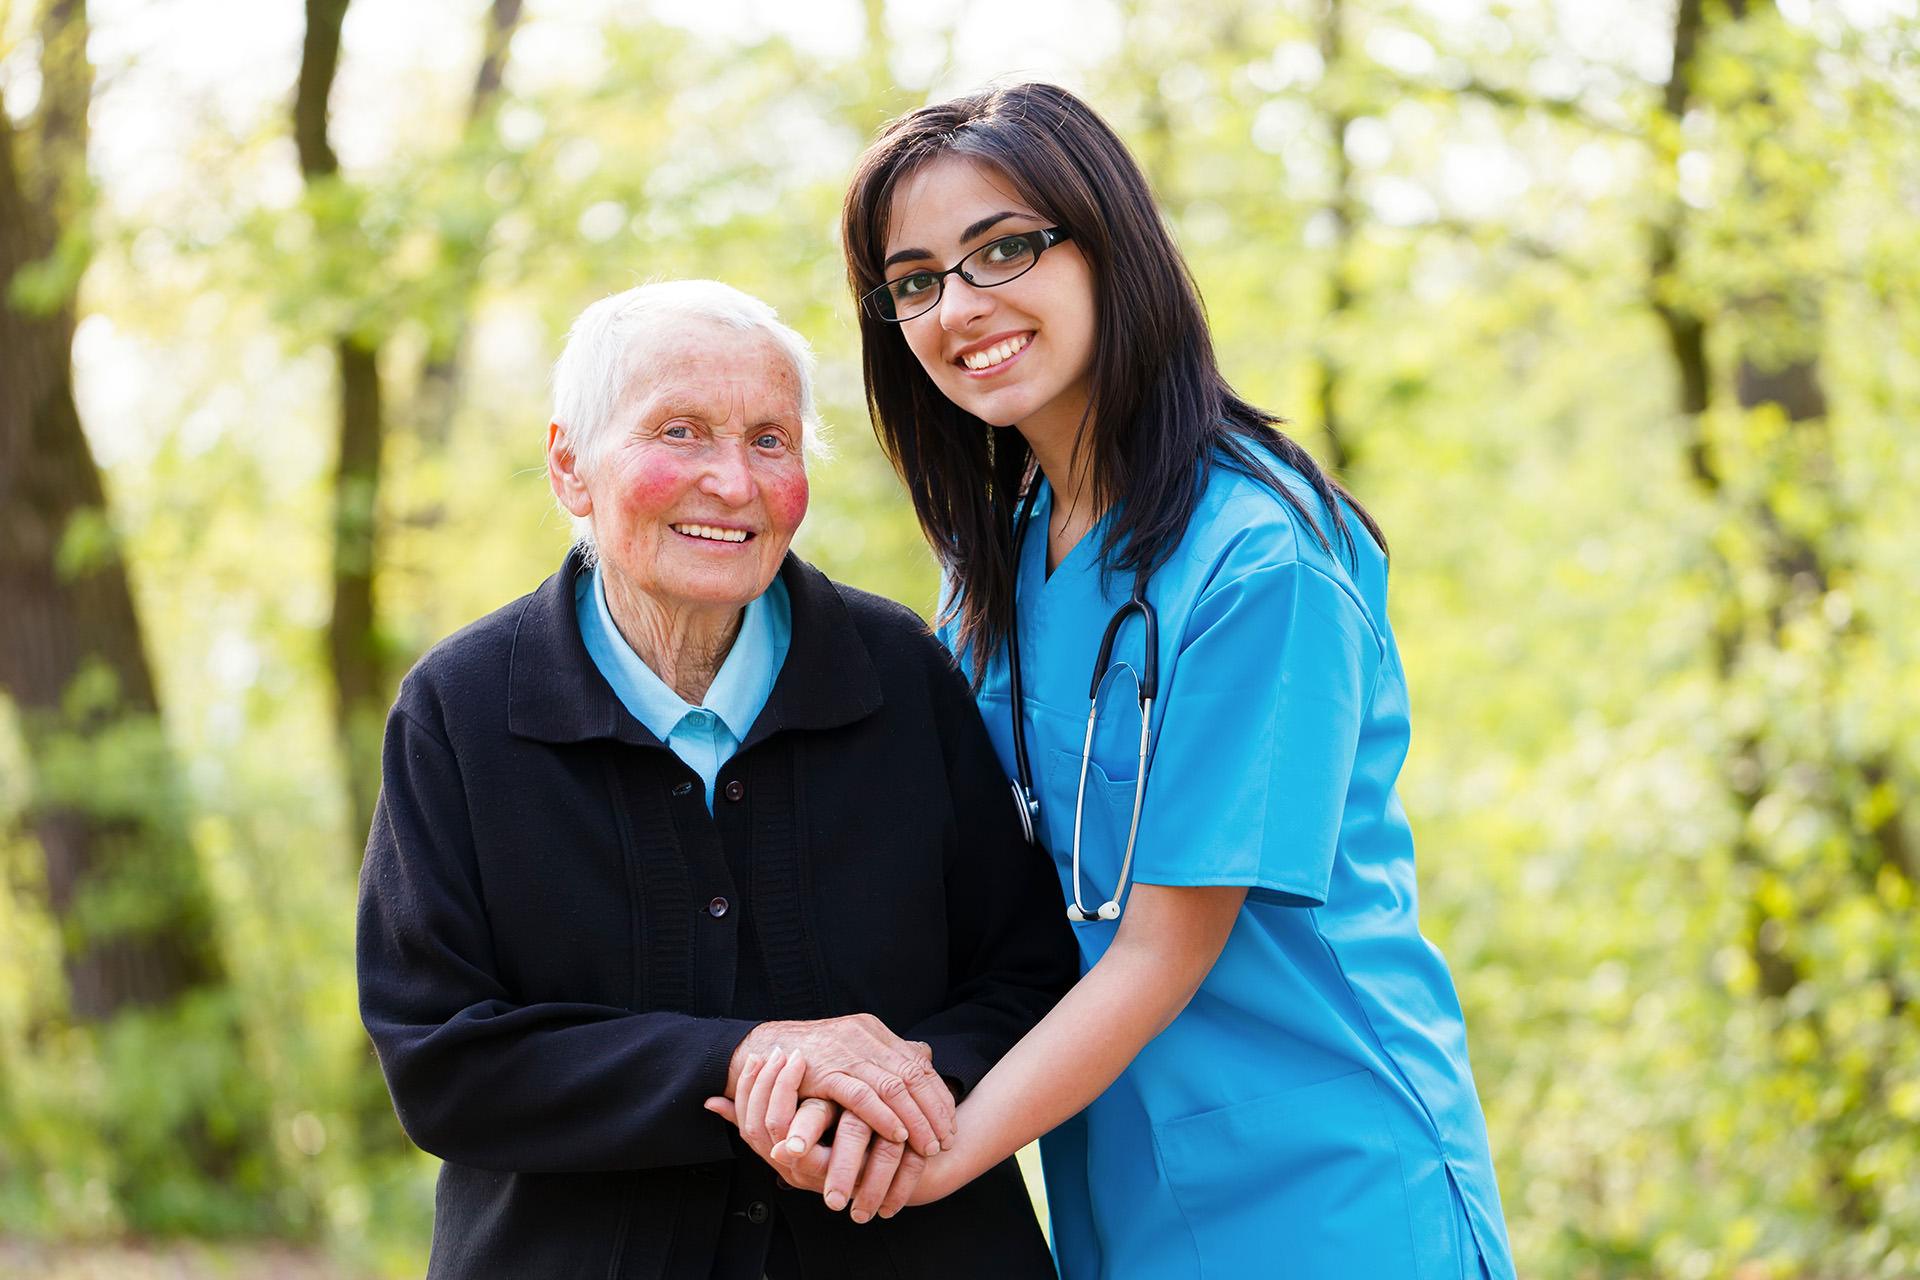 Senior Lady with Caretaker Nurse